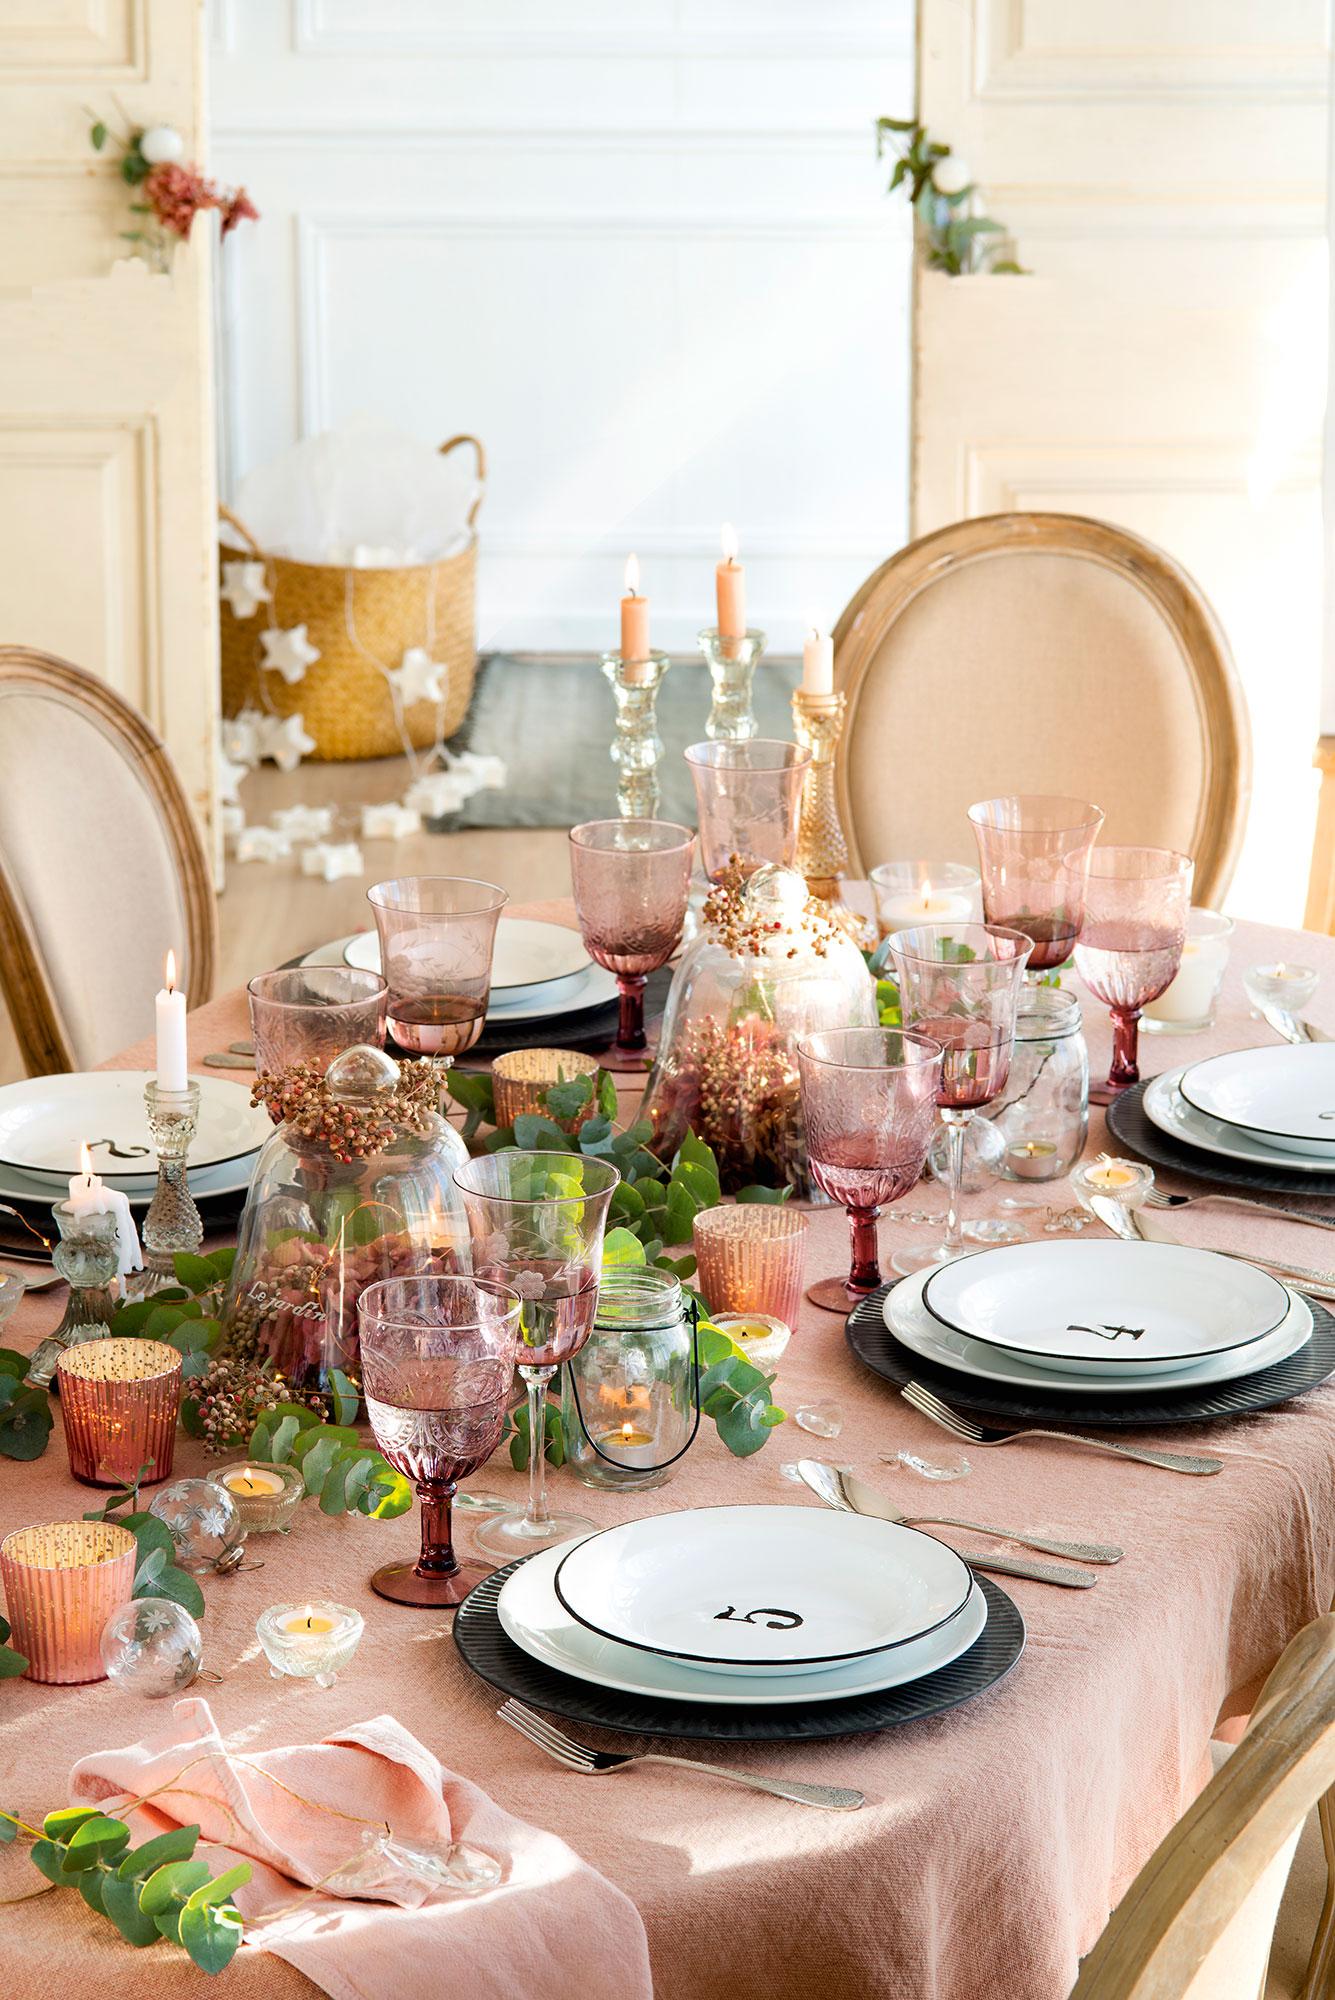 15 propuestas para decorar la mesa de fiesta - Adornos navidenos para mesas ...